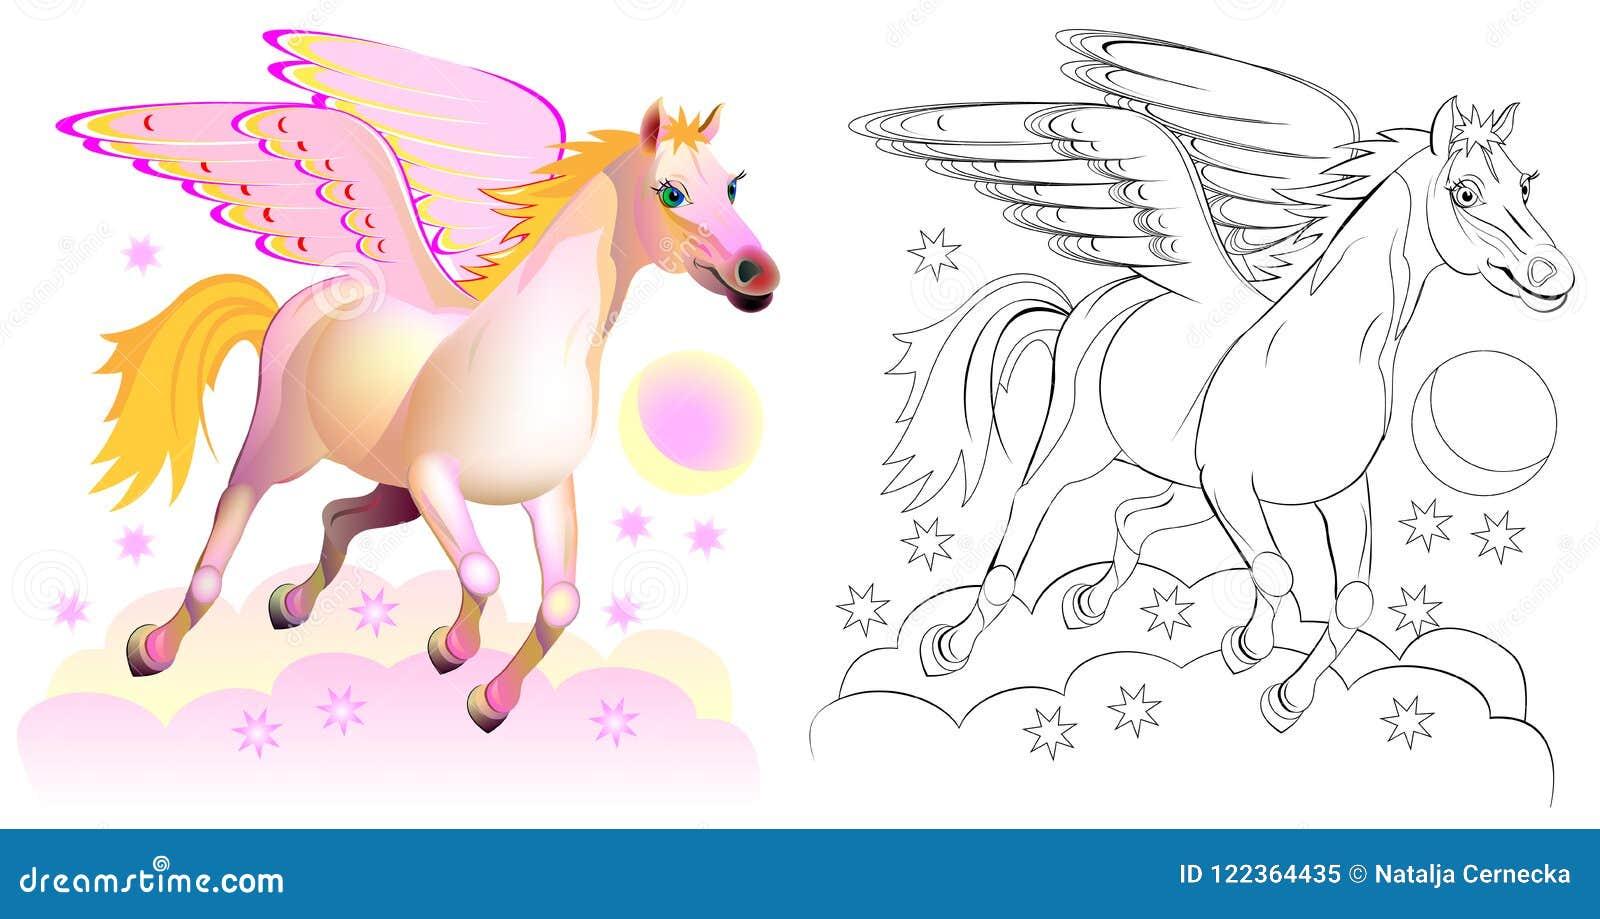 Färgrik och svartvit modell för att färga Fantasiillustration av gulliga Pegasus, bevingad häst i grekisk mytologi